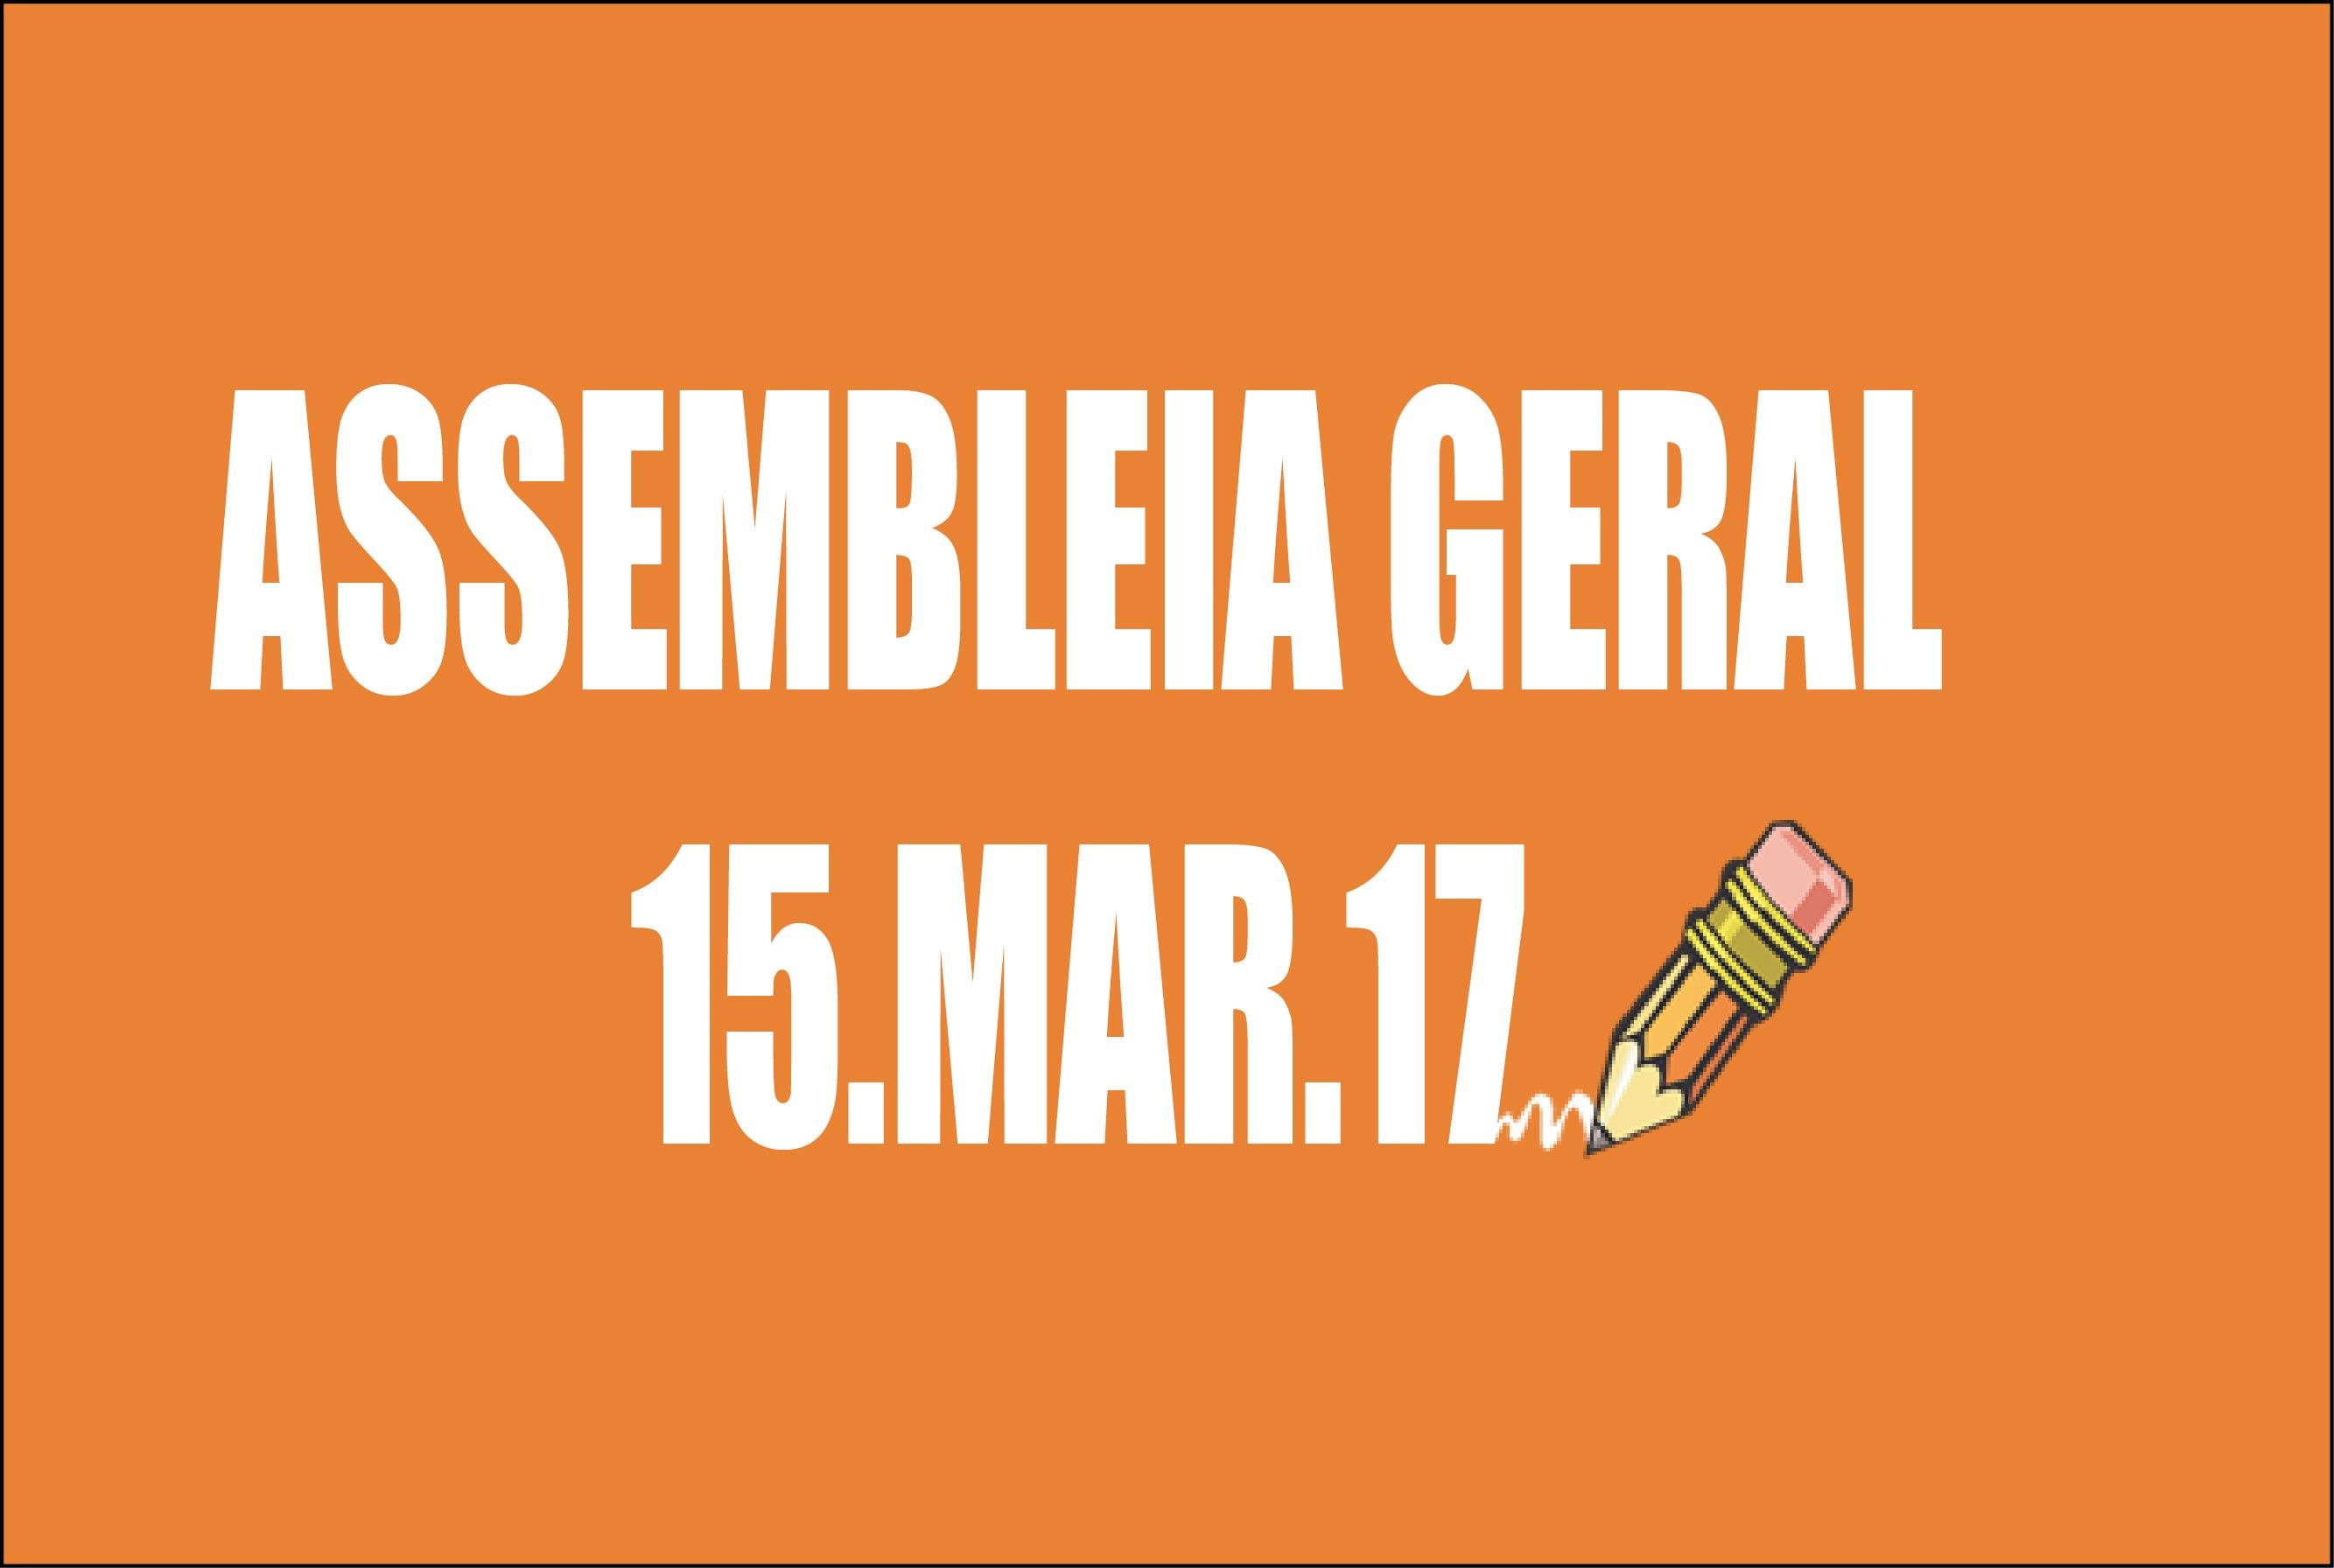 Edital de convocação de Assembleia Geral Extraordinária - 15 de março de 2017